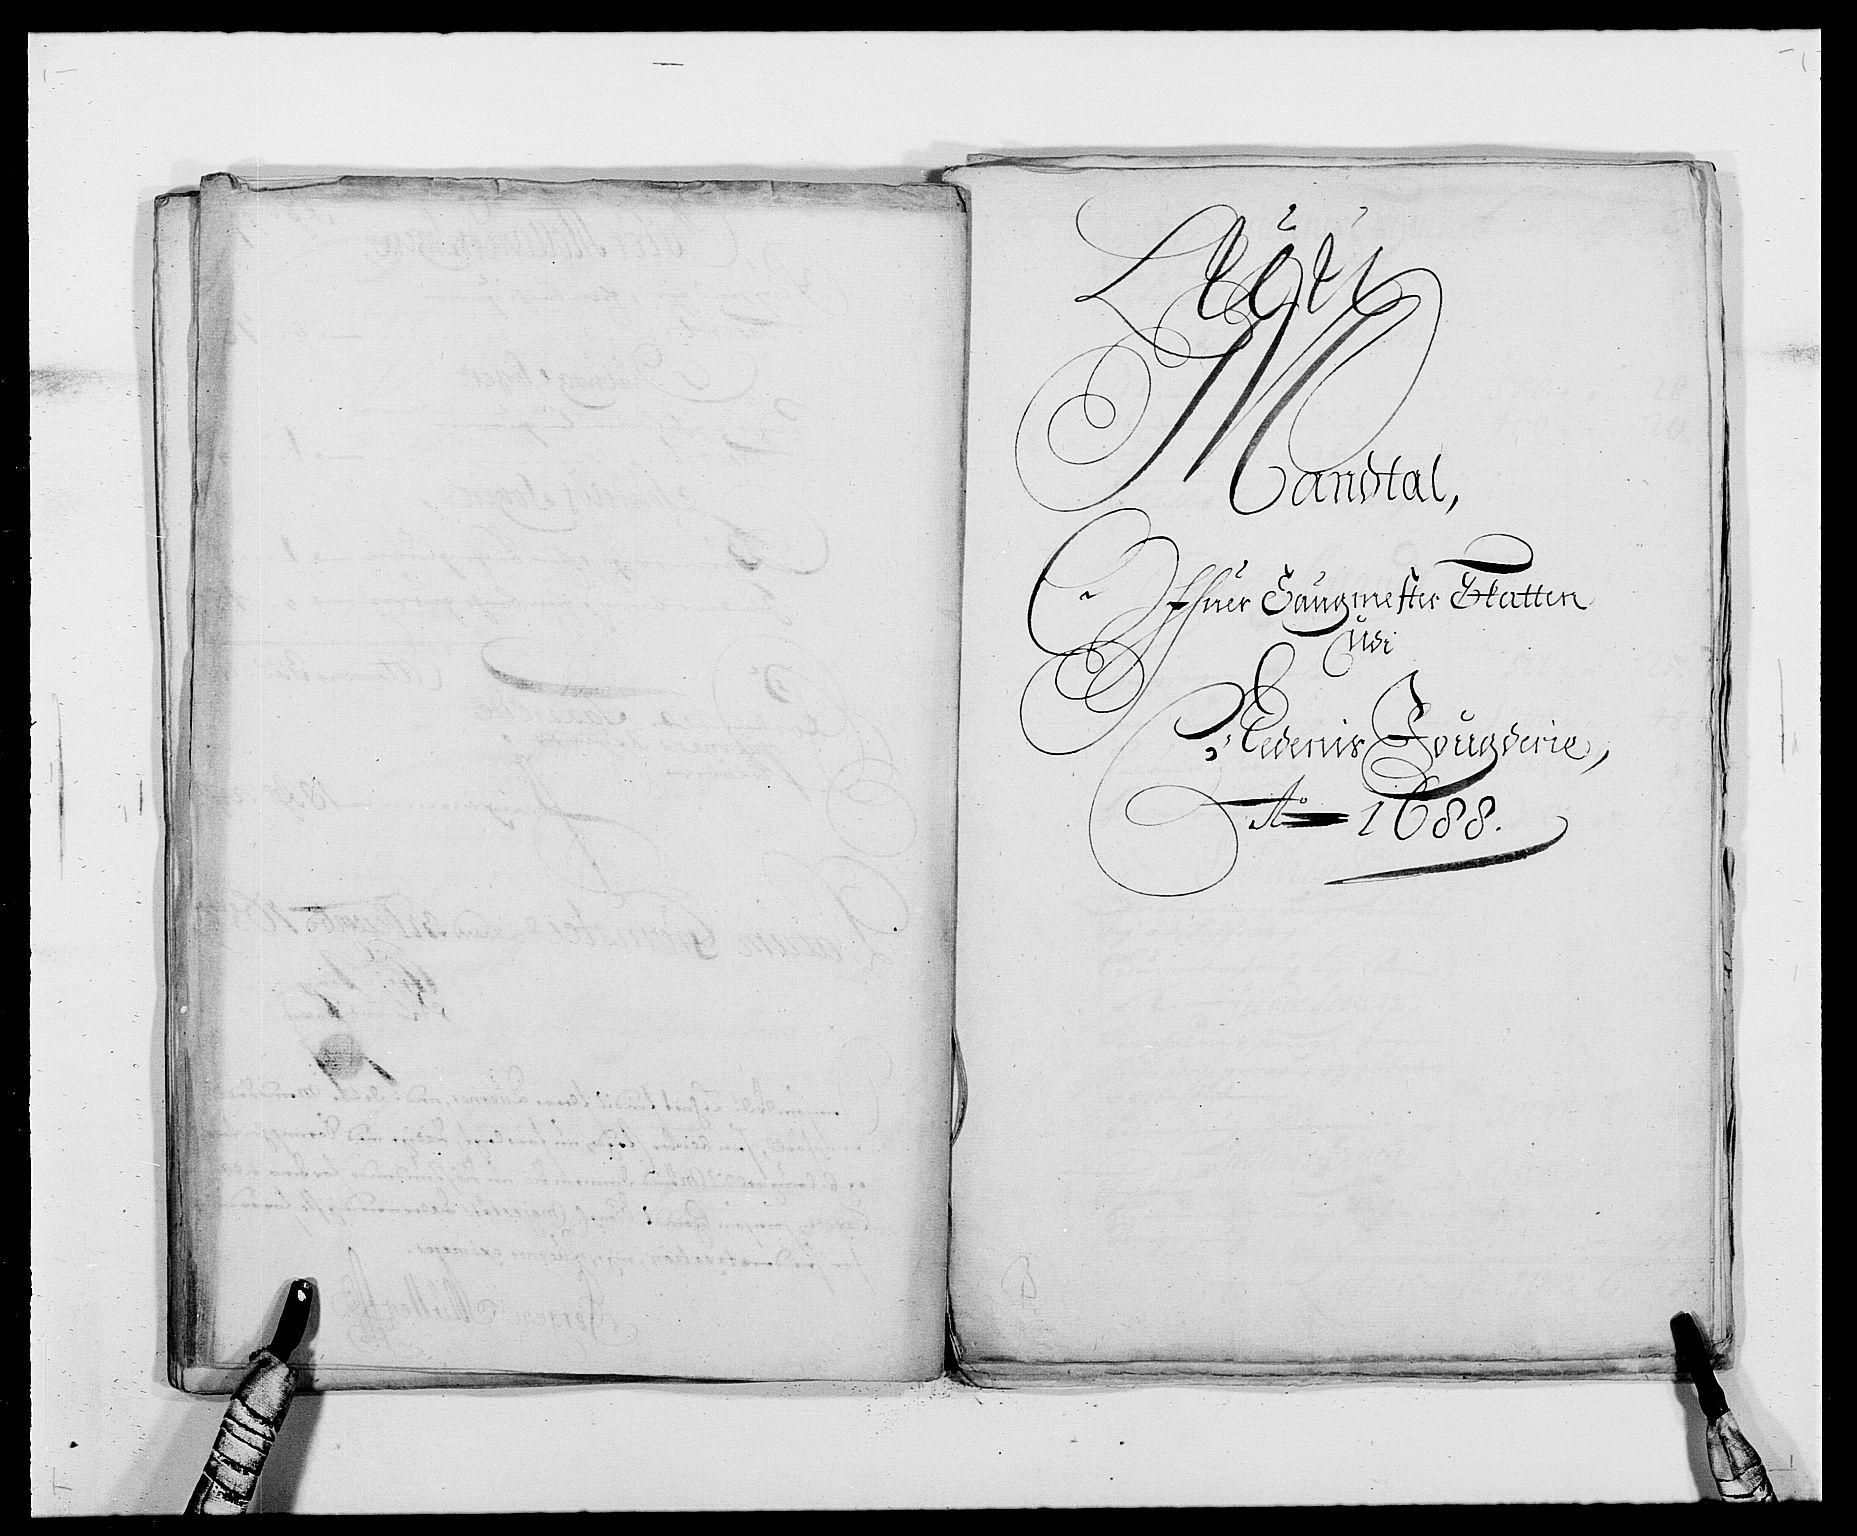 RA, Rentekammeret inntil 1814, Reviderte regnskaper, Fogderegnskap, R39/L2309: Fogderegnskap Nedenes, 1684-1689, s. 227